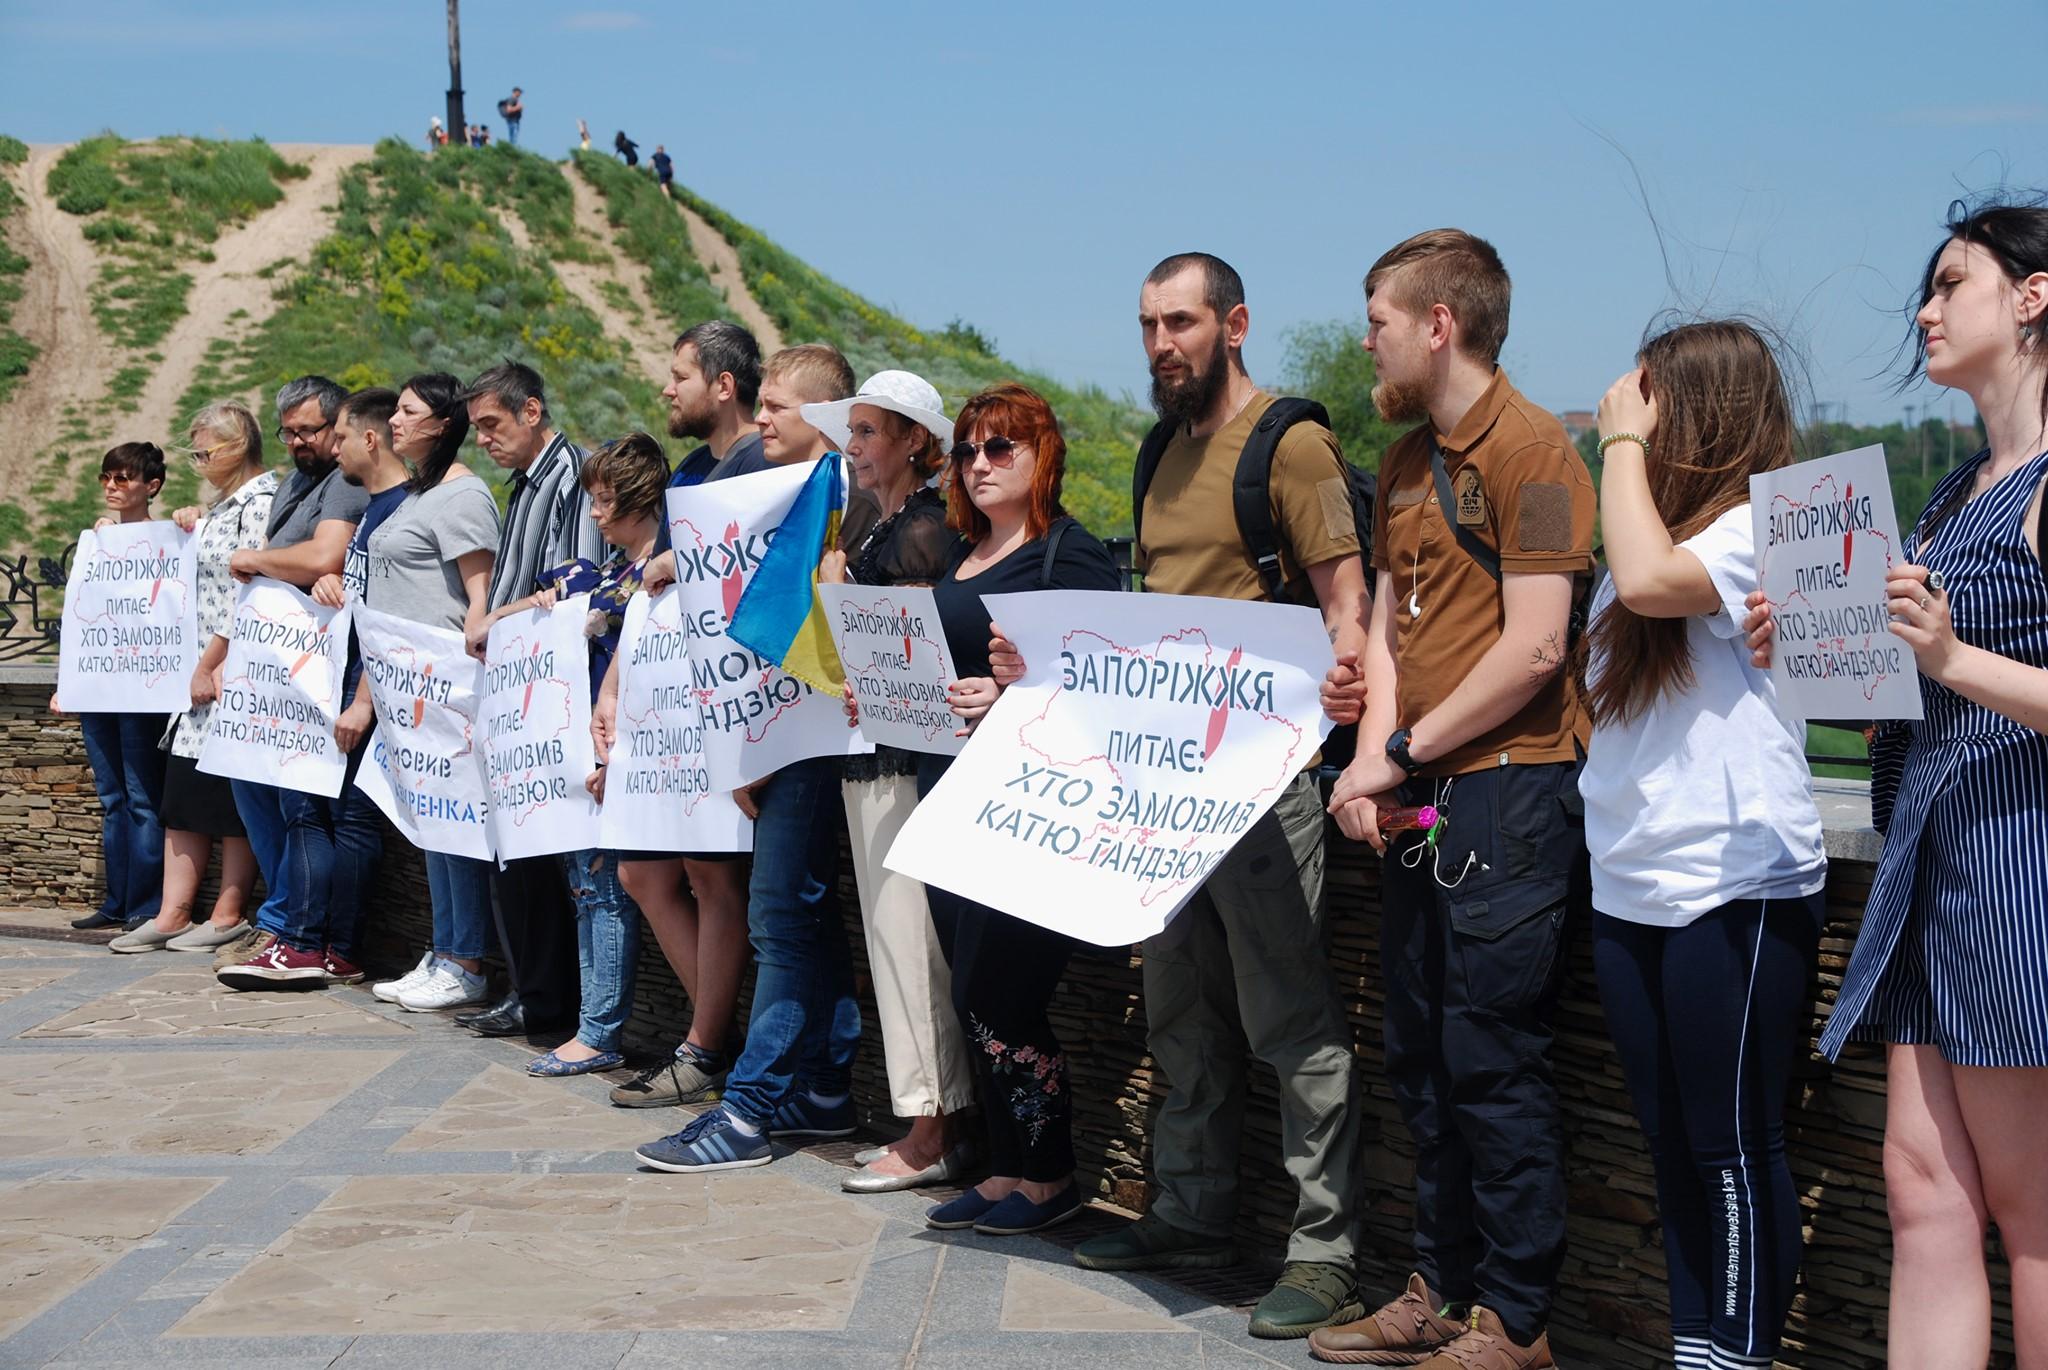 Запорожские активисты на острове Хортица провели акцию «Хто замовив Катю Гандзюк?» - ФОТО